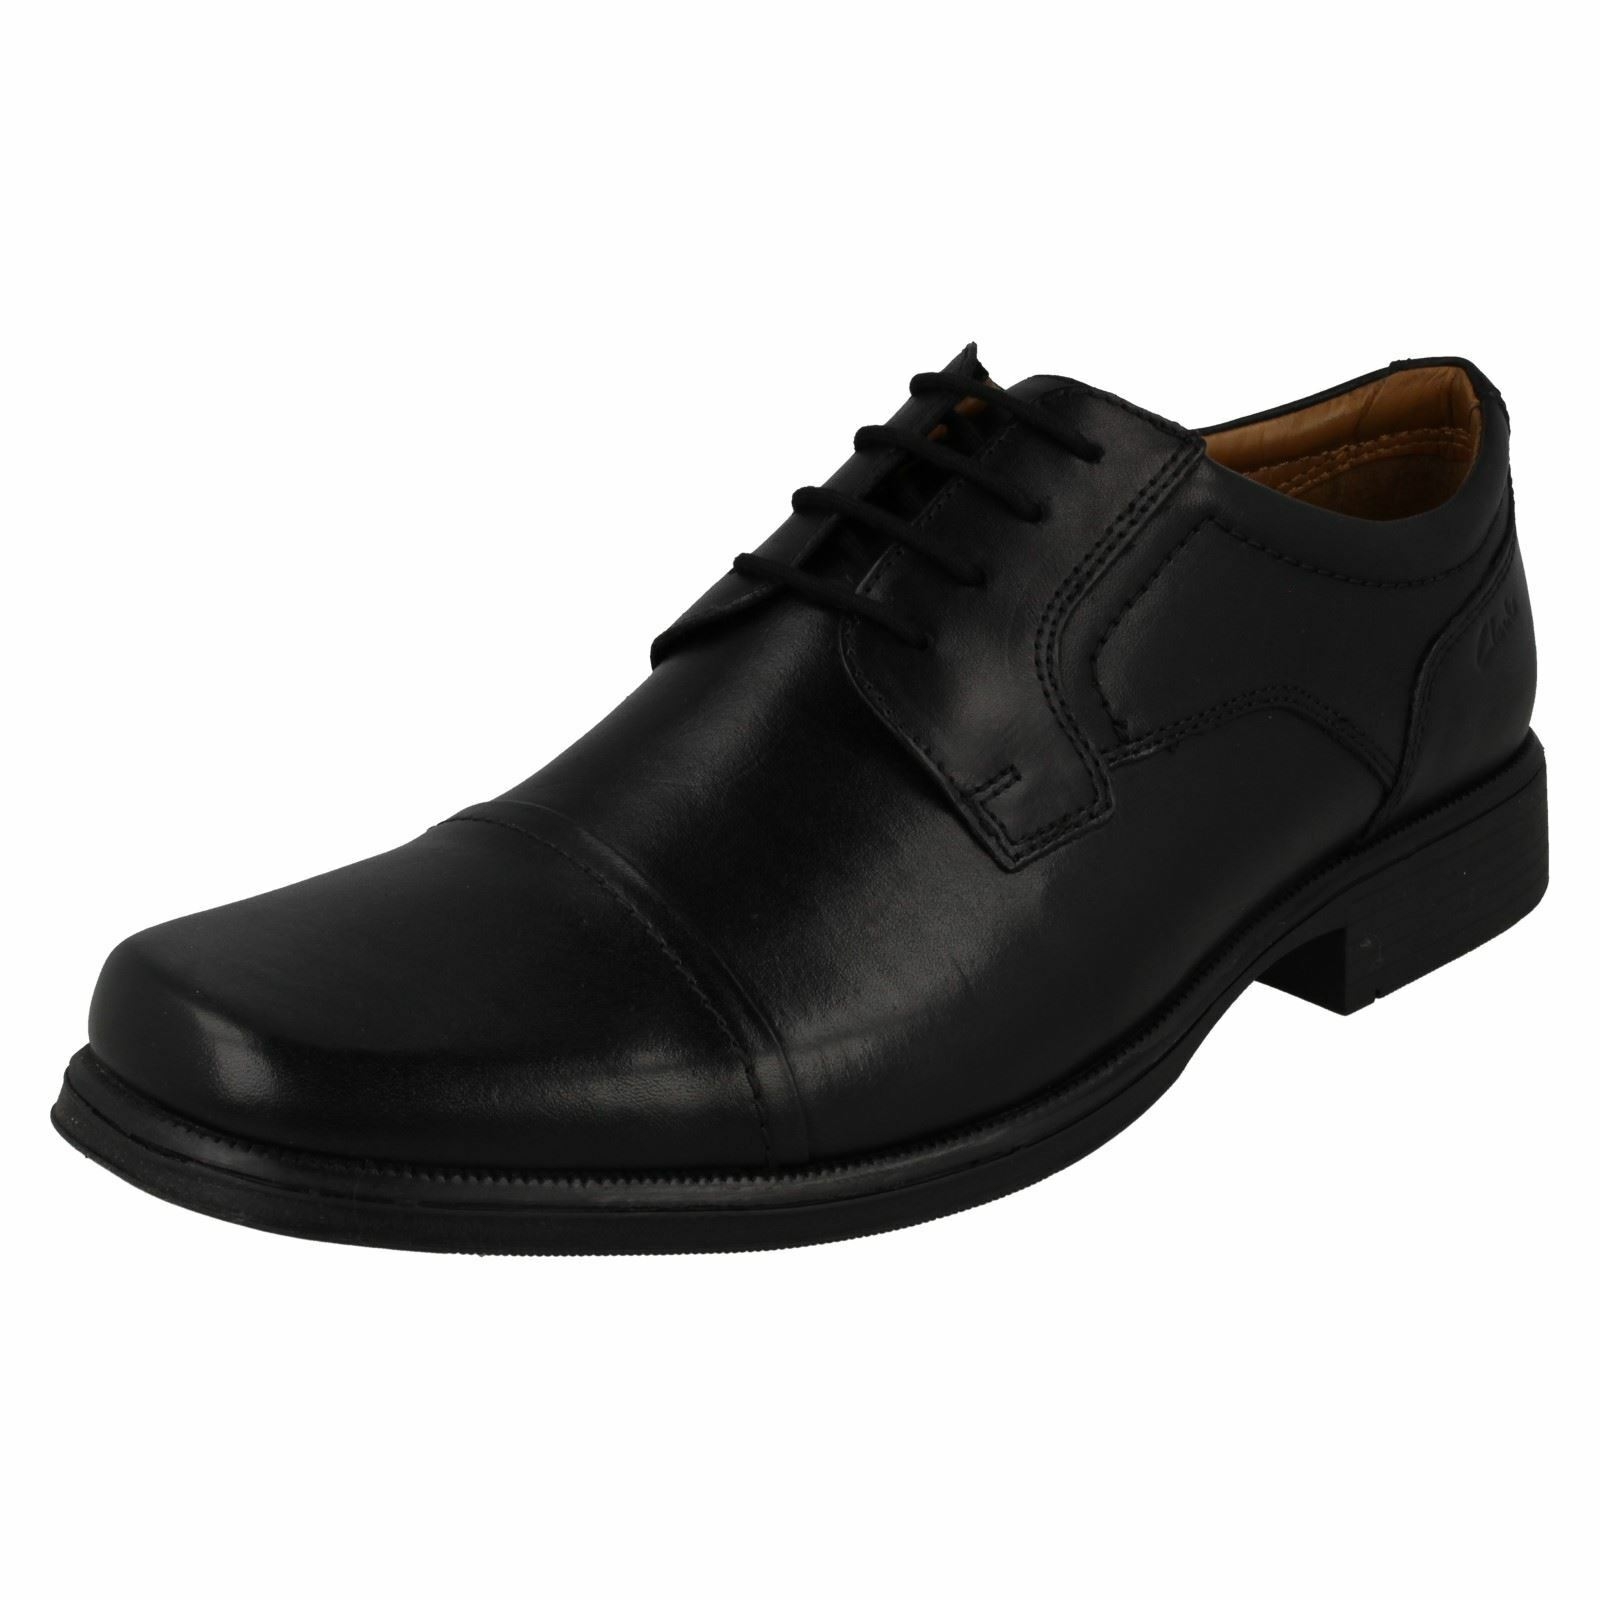 Mens Clarks Formal Shoes Huckley Cap